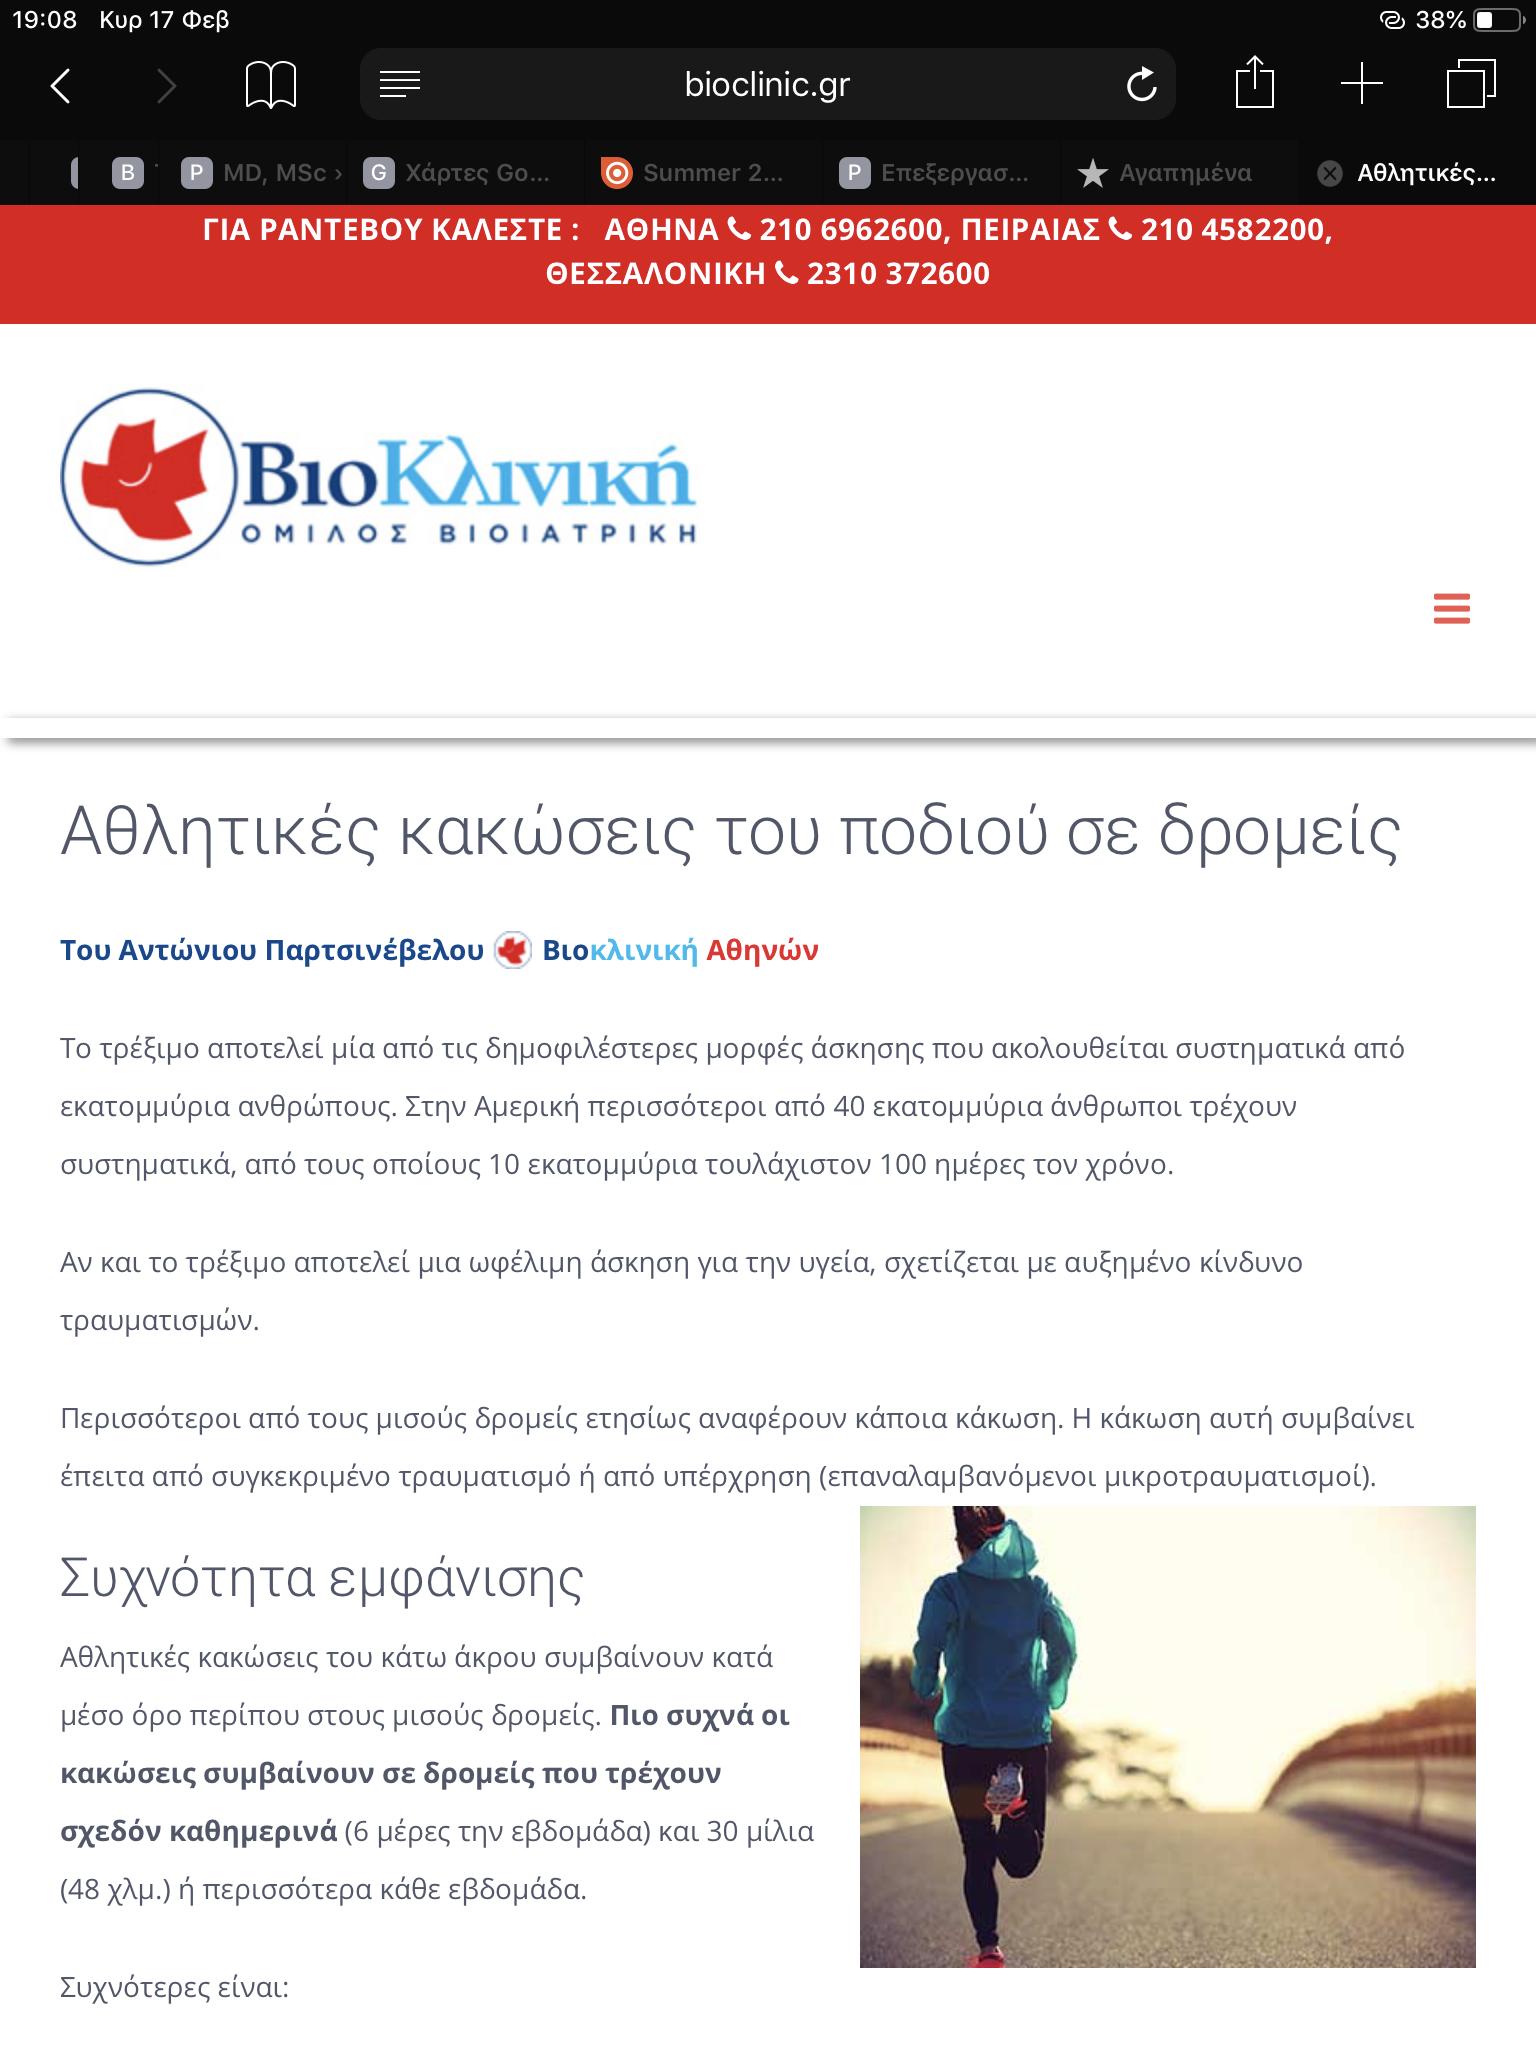 athlitikes-kakoseis-podiou-se-dromeis-biocliniki